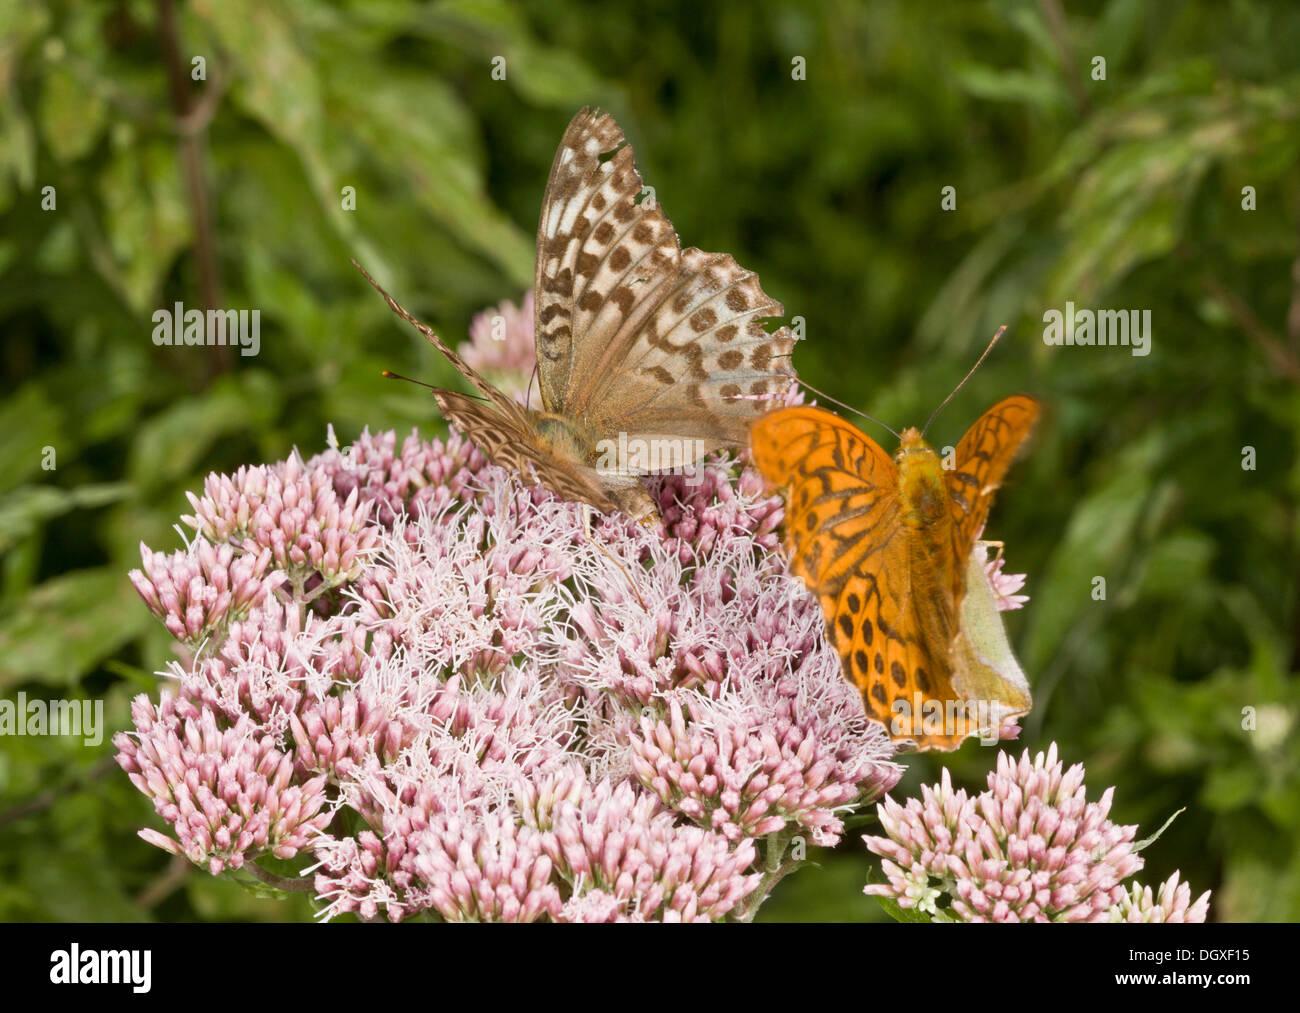 Silver-washed fritillary butterflies, Argynnis paphia, male courting valezina female on Hemp Agrimony, Dorset. - Stock Image